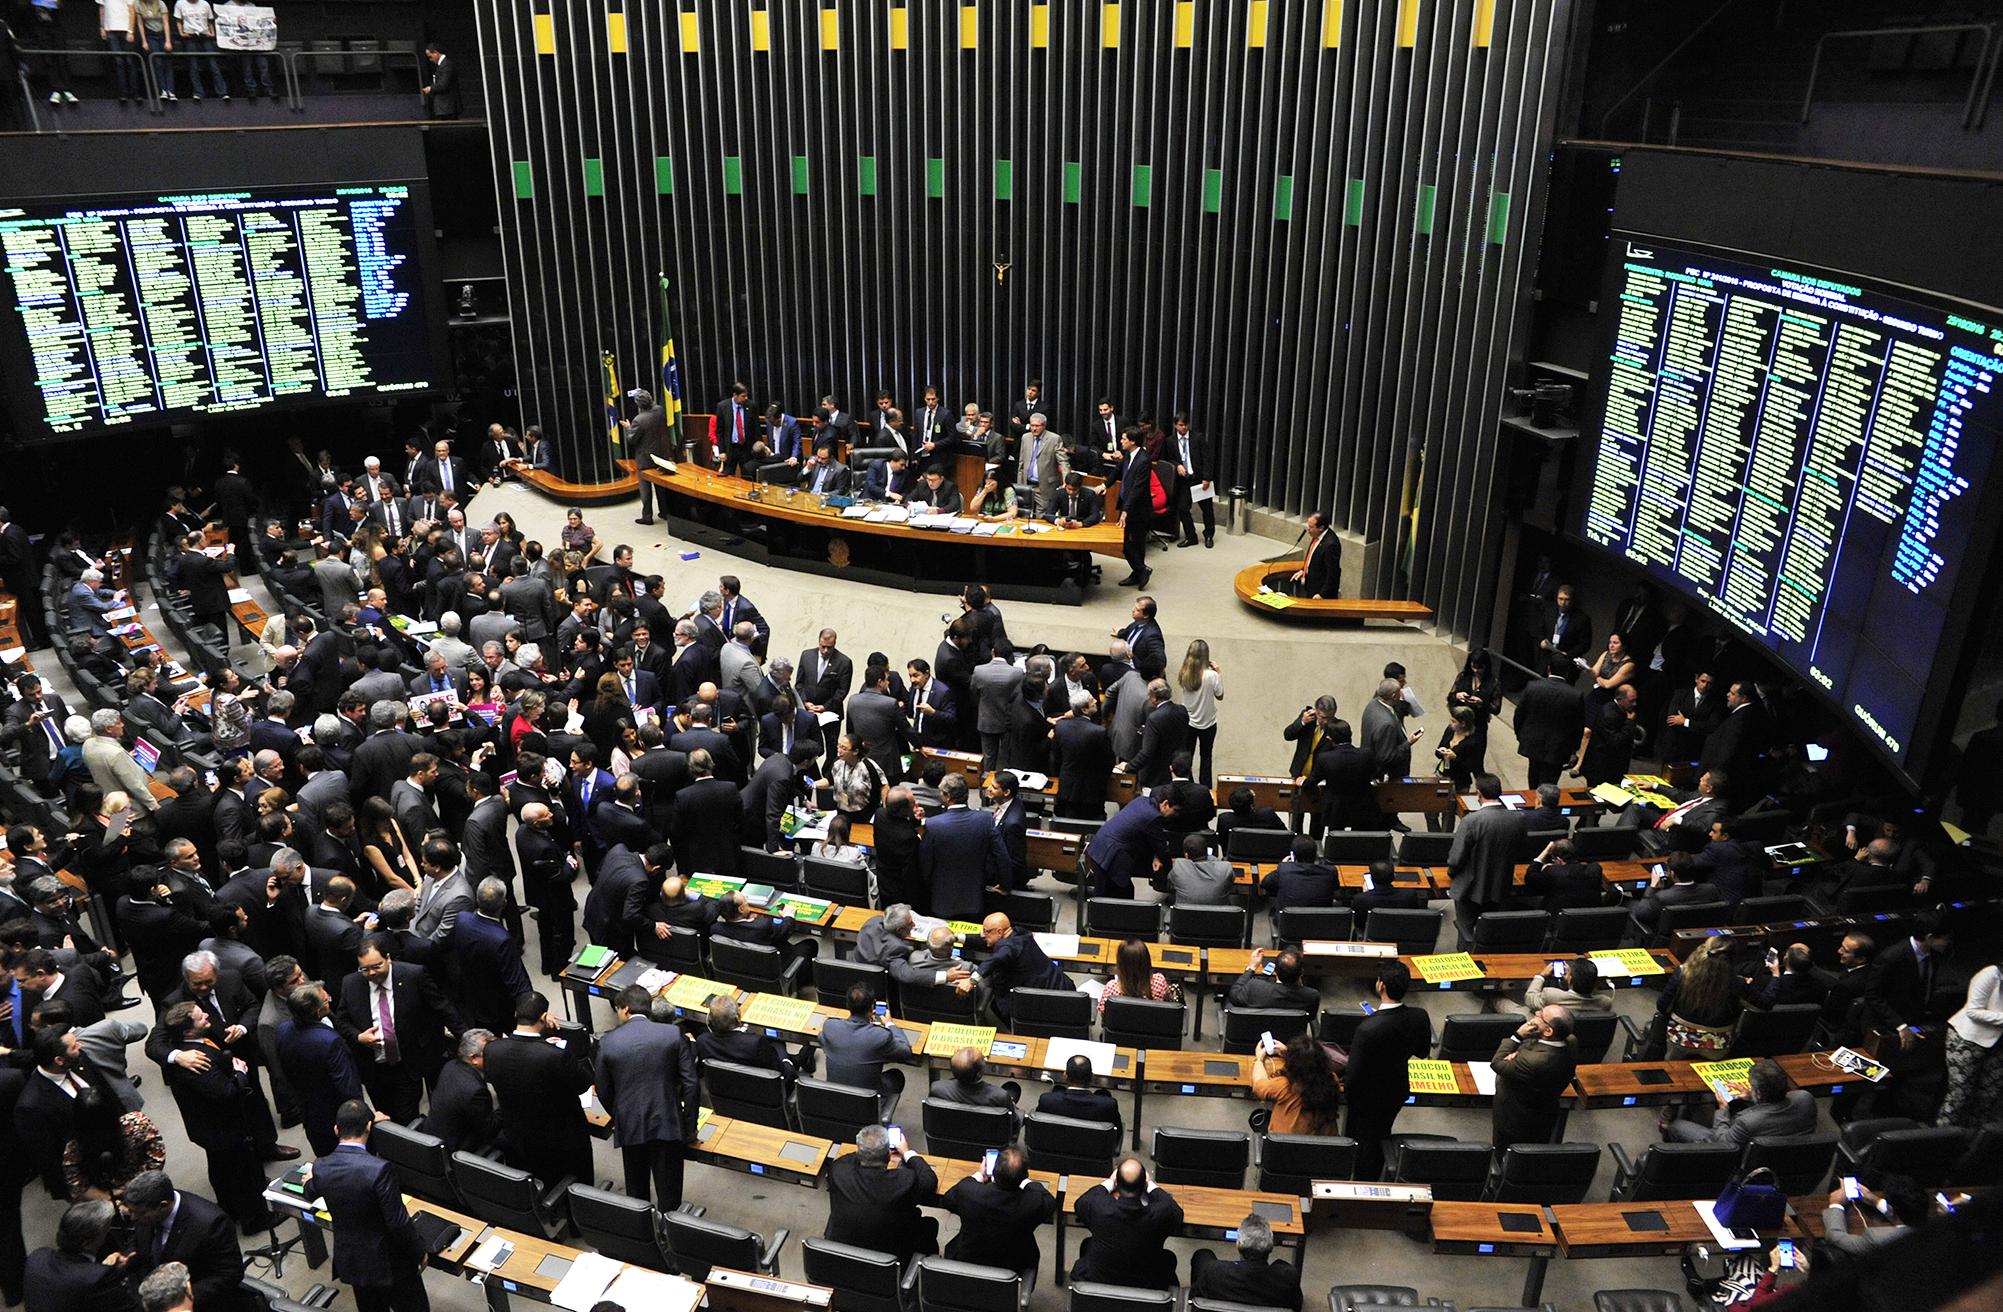 Sessão extraordinária para discussão e votação em segundo turno da PEC 241/2016